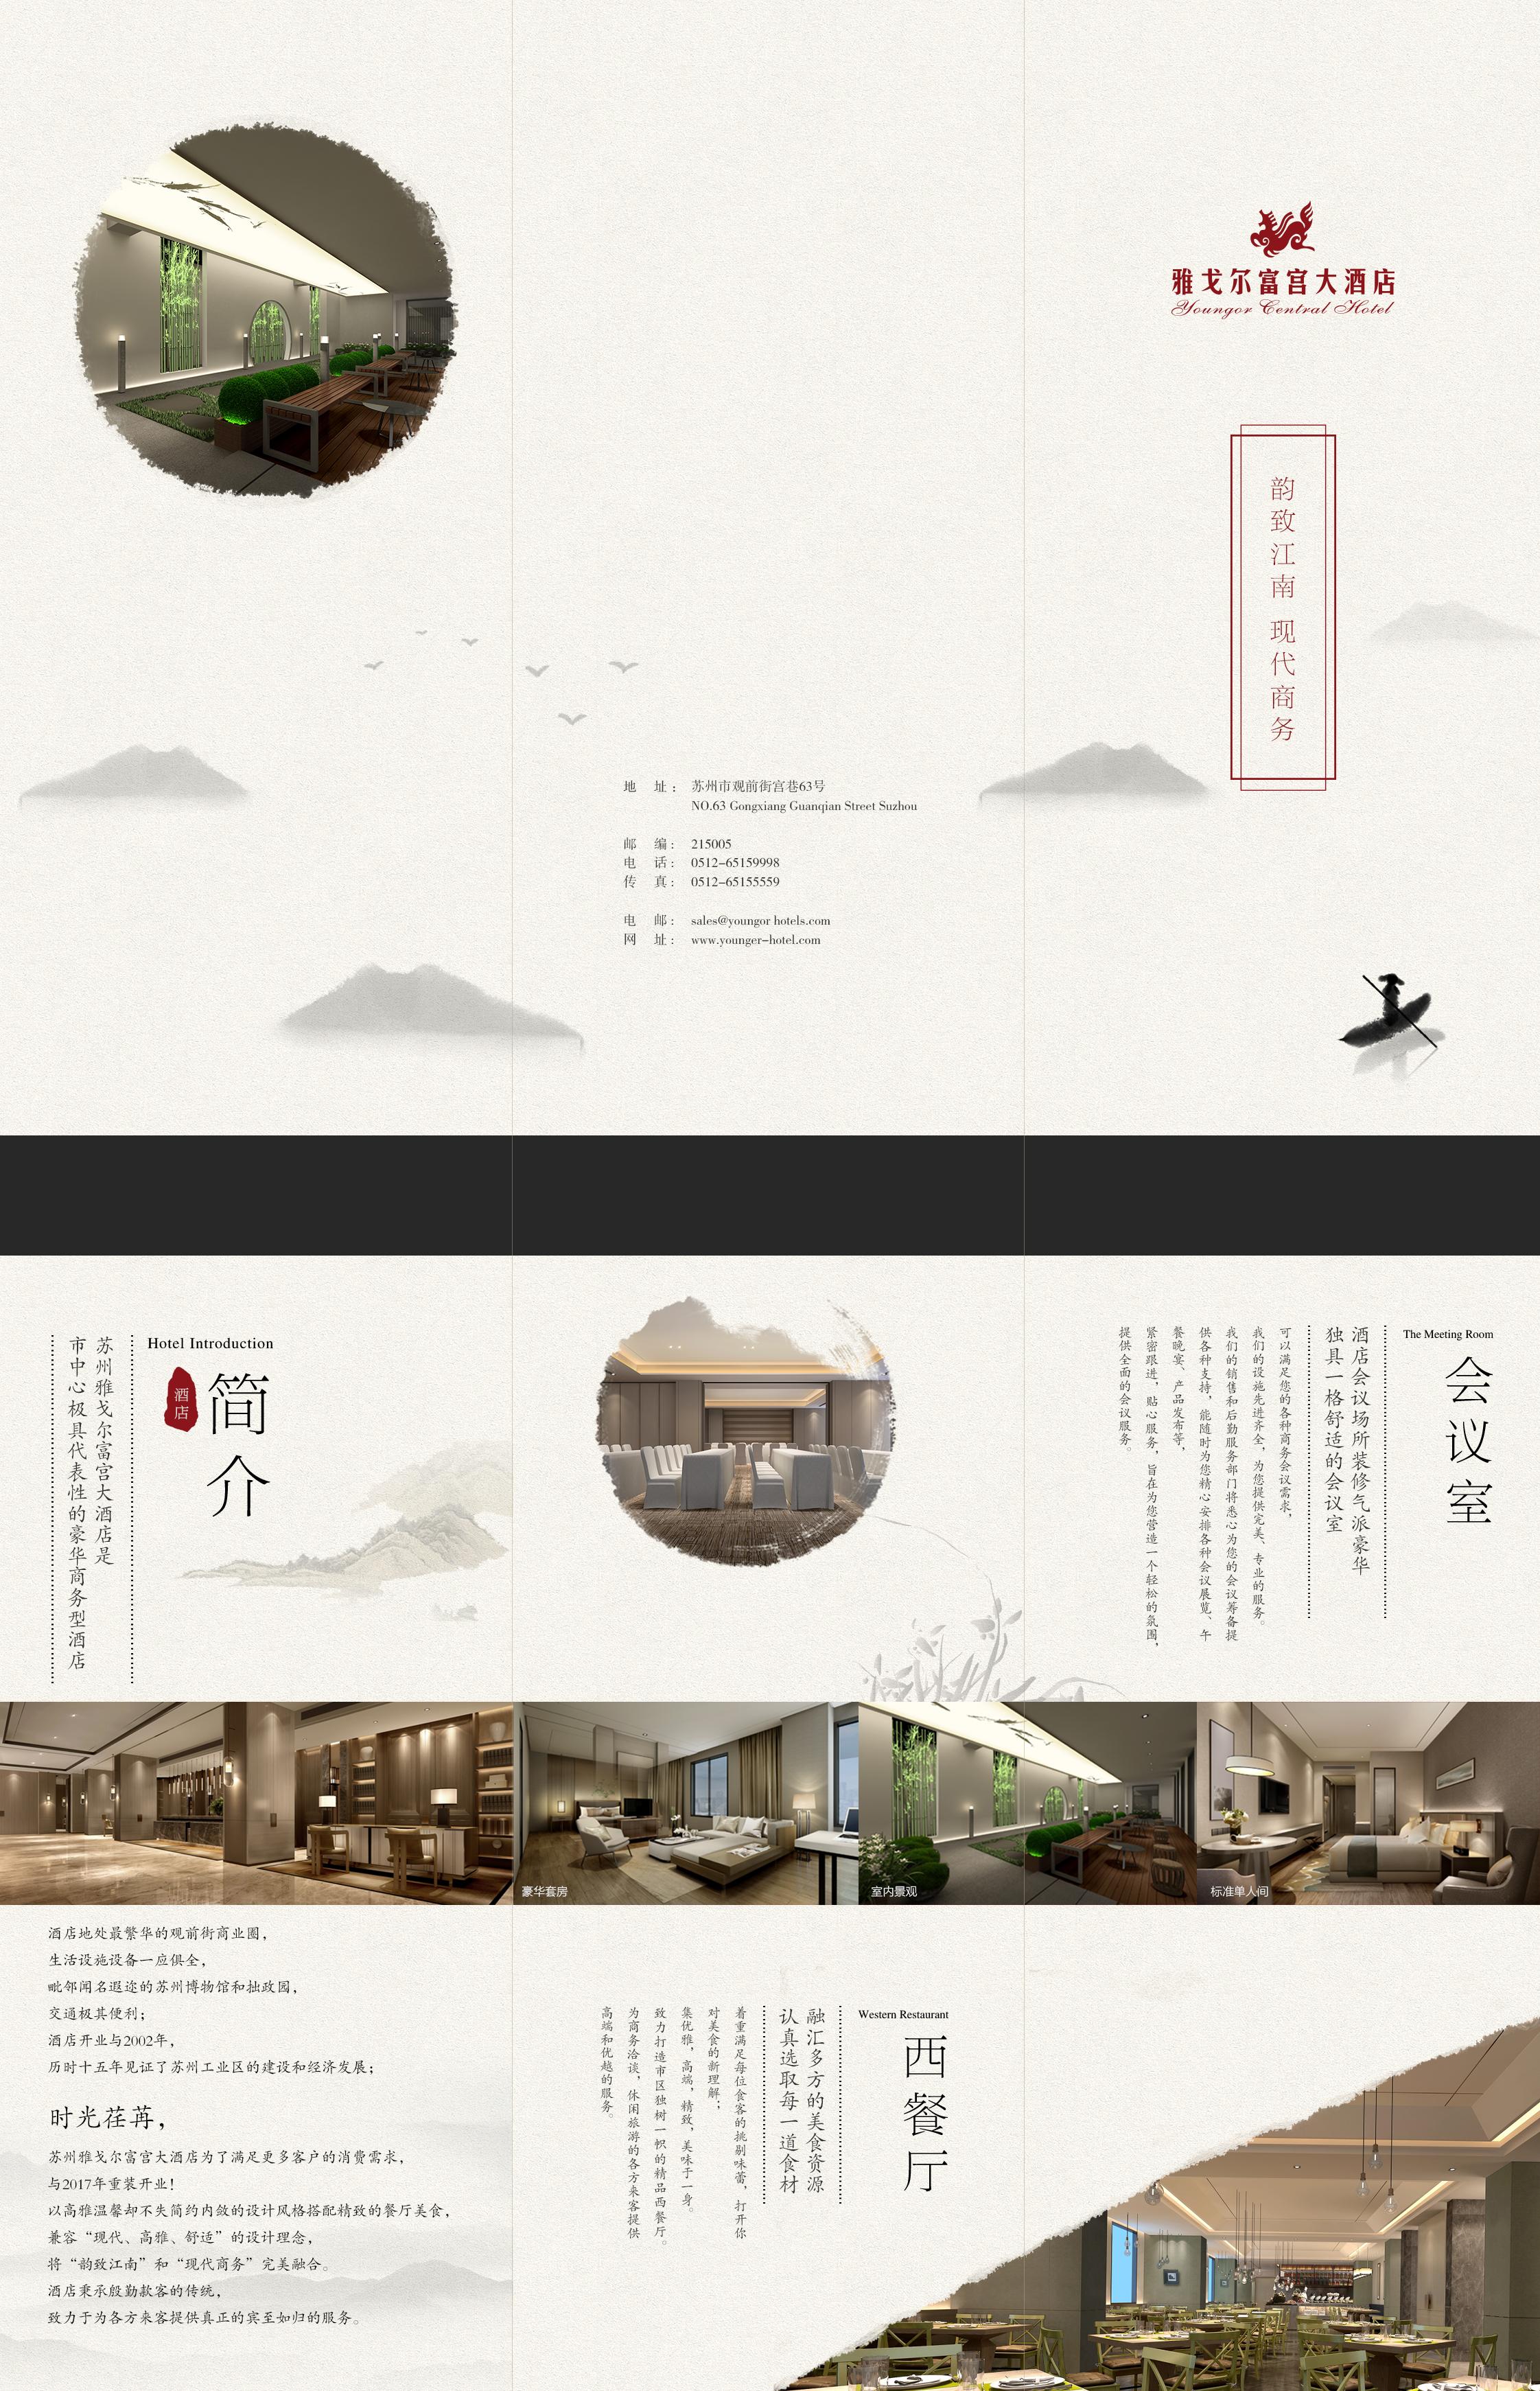 山水水墨风格传统复古酒店三折页 源文件下载